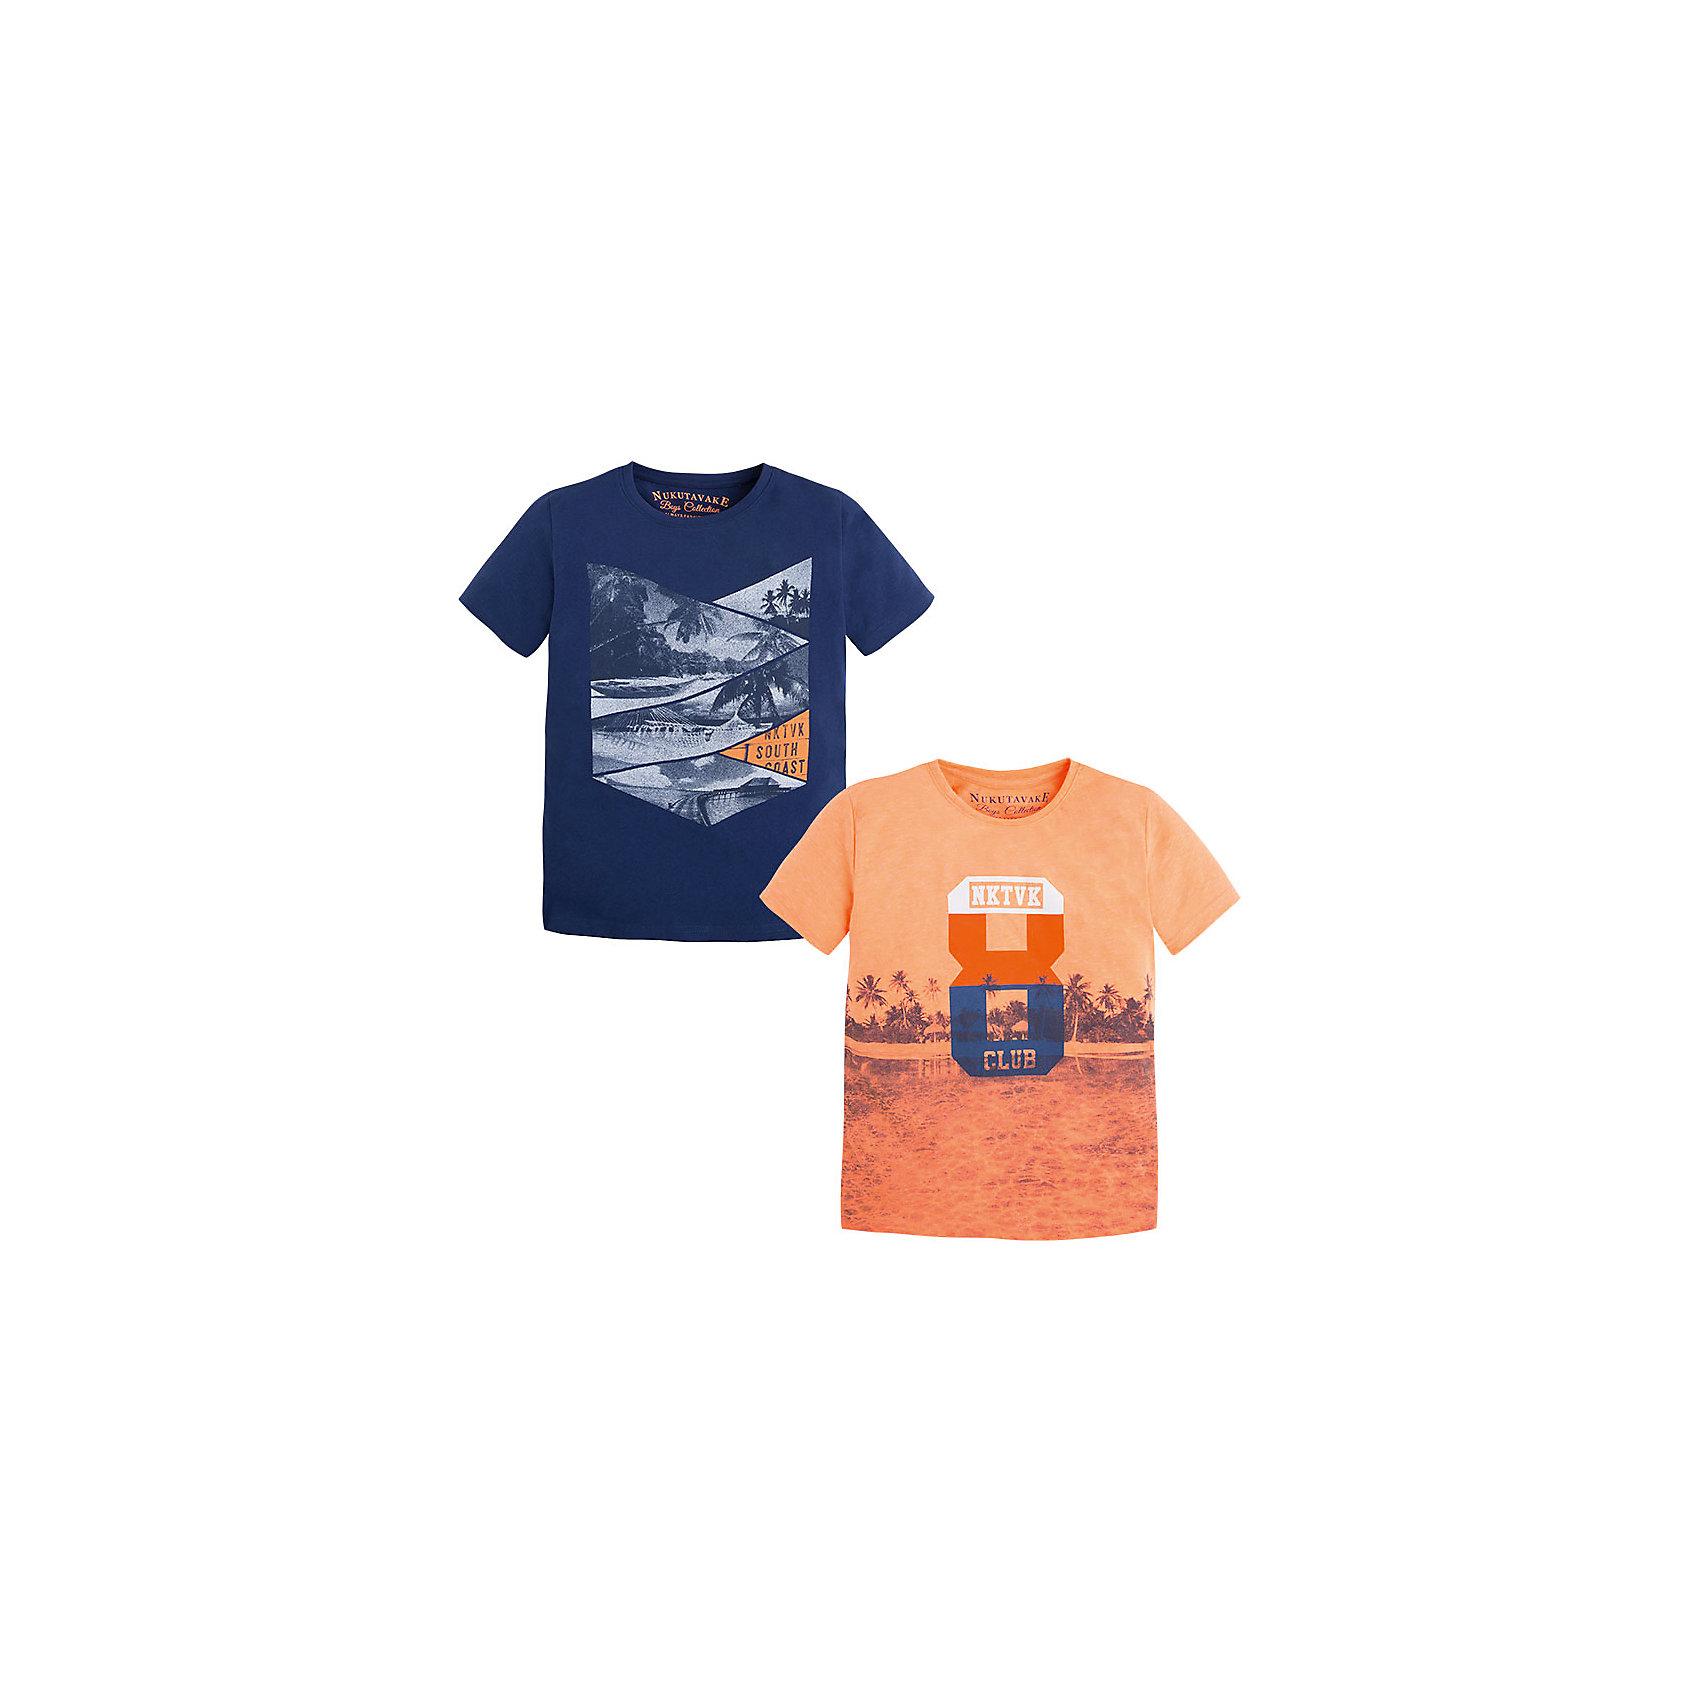 Футболка для мальчика, 2шт. MayoralКомплект из двух футболок для мальчика от известной испанской марки Mayoral - прекрасный вариант на лето. <br><br>Дополнительная информация:<br><br>- 2 футболки. <br>- Мягкая, приятная к телу ткань.<br>- Округлый вырез горловины.<br>- Прямой крой. <br>- Отделка горловины: в мелкий рубчик. <br>- Оригинальный принт. <br>- Состав: 100% хлопок.<br><br>Комплект из двух футболок для мальчика (Майорал) можно купить в нашем магазине.<br><br>Ширина мм: 199<br>Глубина мм: 10<br>Высота мм: 161<br>Вес г: 151<br>Цвет: оранжевый<br>Возраст от месяцев: 84<br>Возраст до месяцев: 96<br>Пол: Мужской<br>Возраст: Детский<br>Размер: 128,164,158,140,152<br>SKU: 4538147